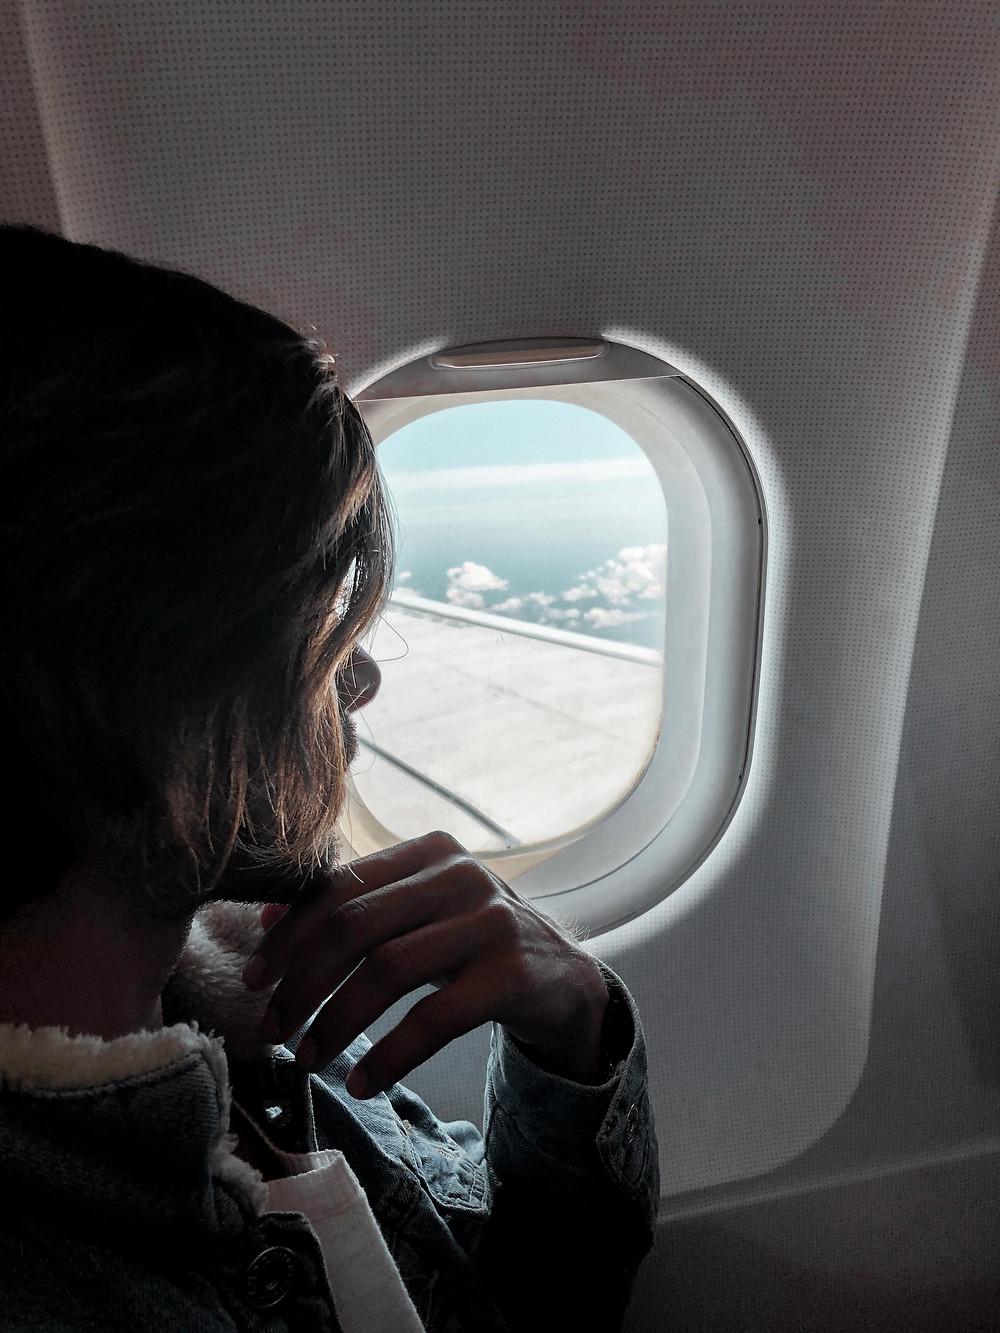 מיקונוס, ונציה מיקונוס, האי מיקונוס, מיקונוס יוון, מזג אוויר מיקונוס, מיקונוס במאי, אתונה ומיקונוס, טיסות למיקונוס, מלון במיקונוס, השכרת רכב מיקונוס, מחירי מלונות במיקונוס